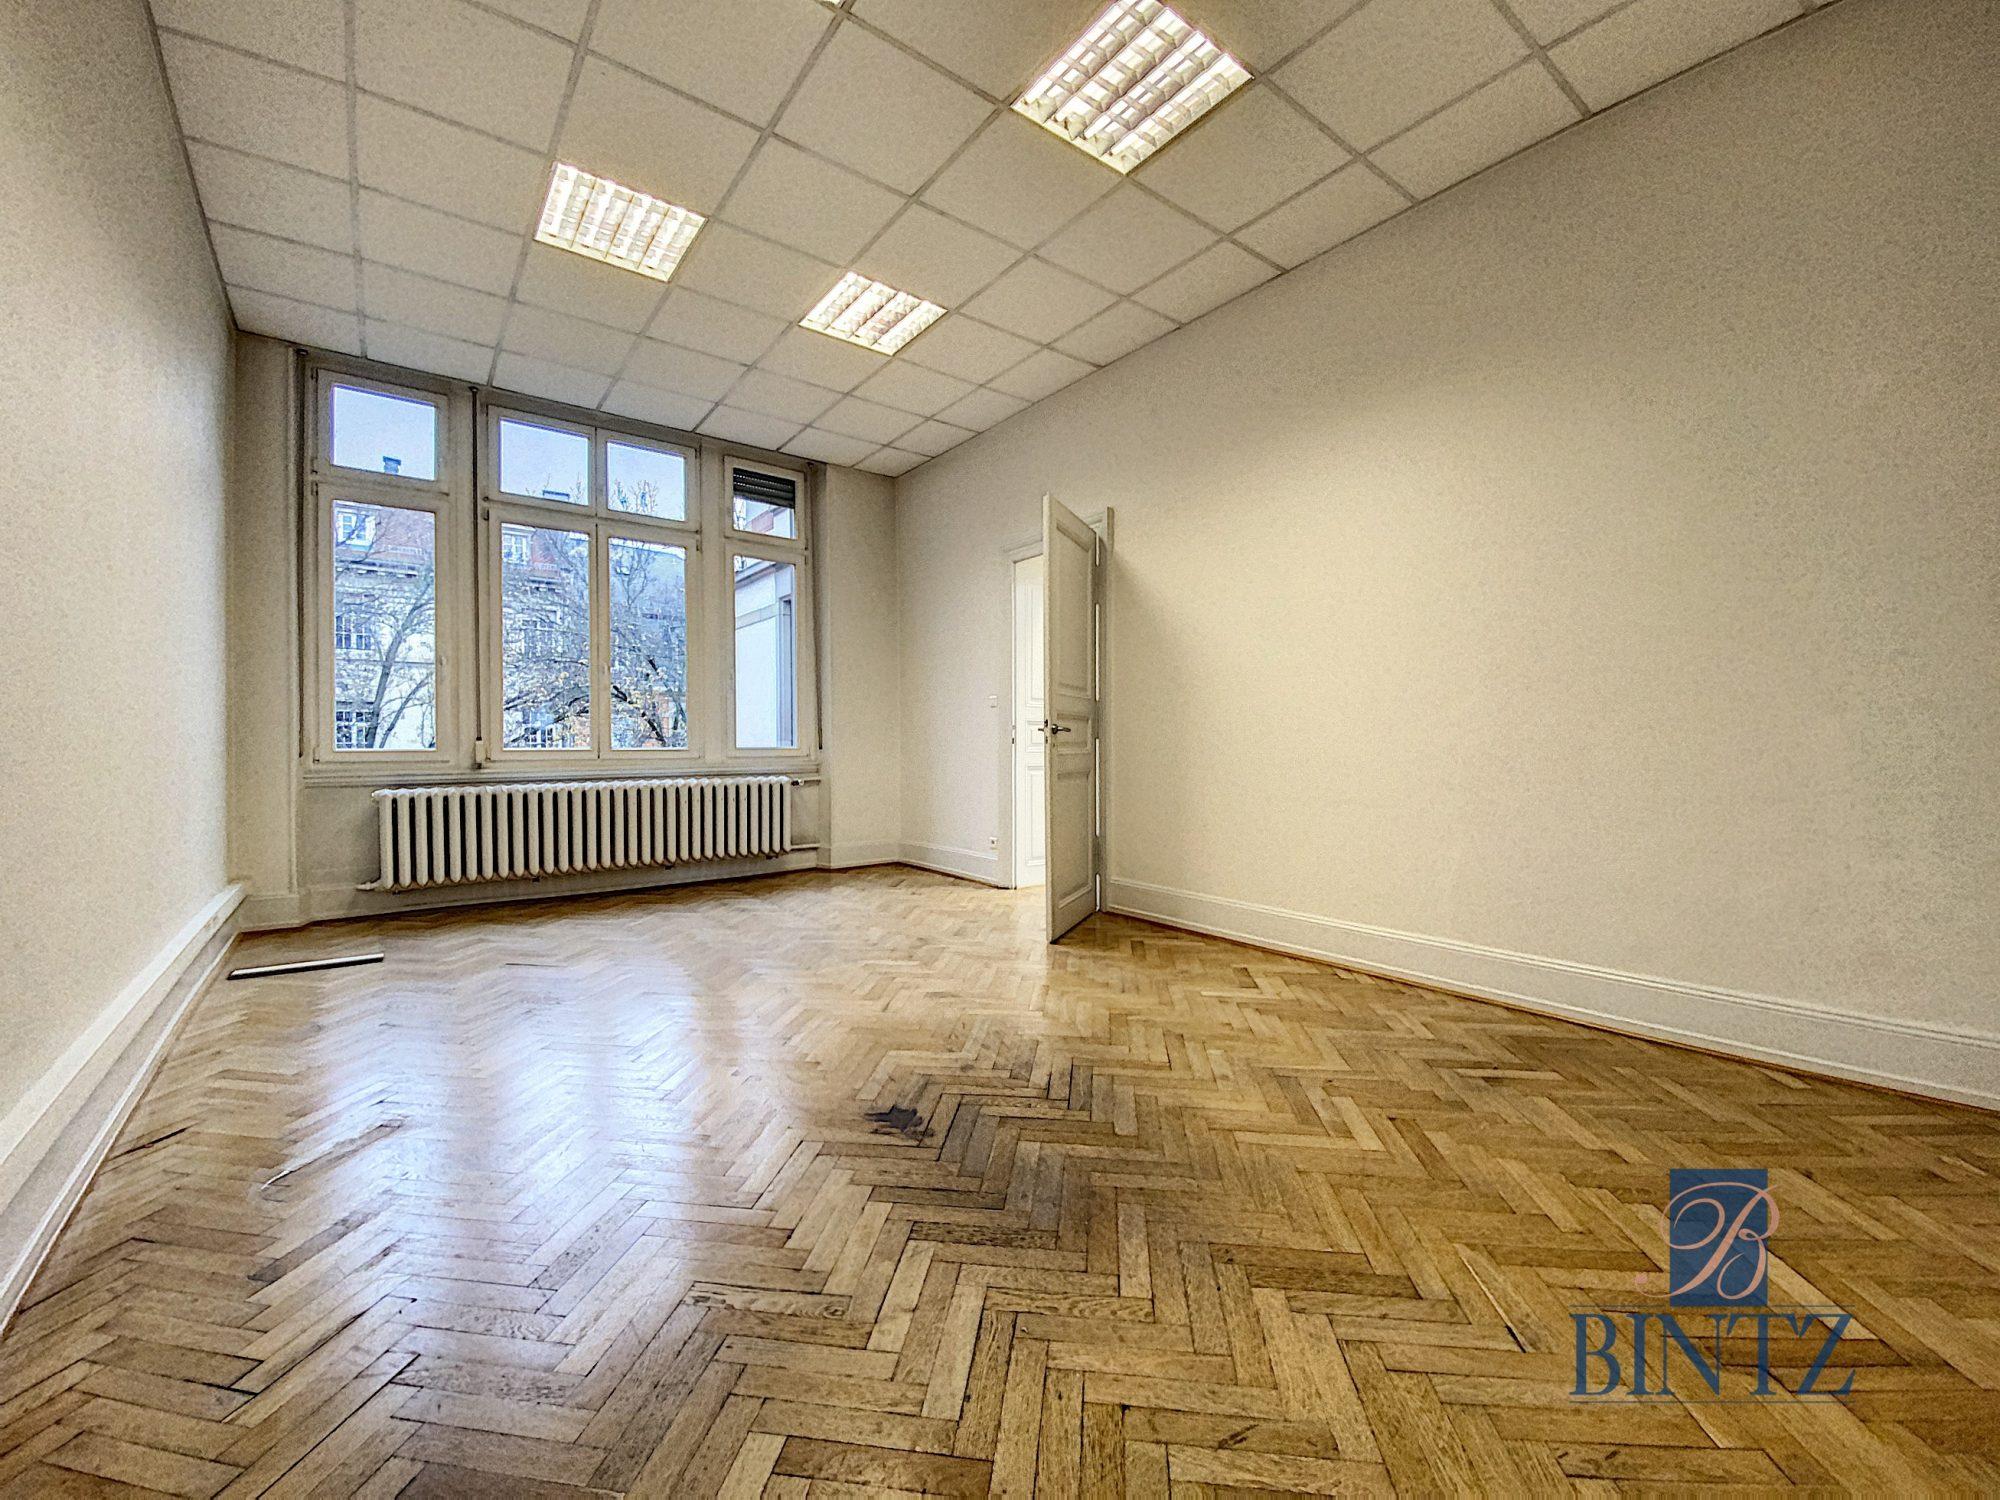 Immeuble de bureaux à louer - Devenez locataire en toute sérénité - Bintz Immobilier - 9